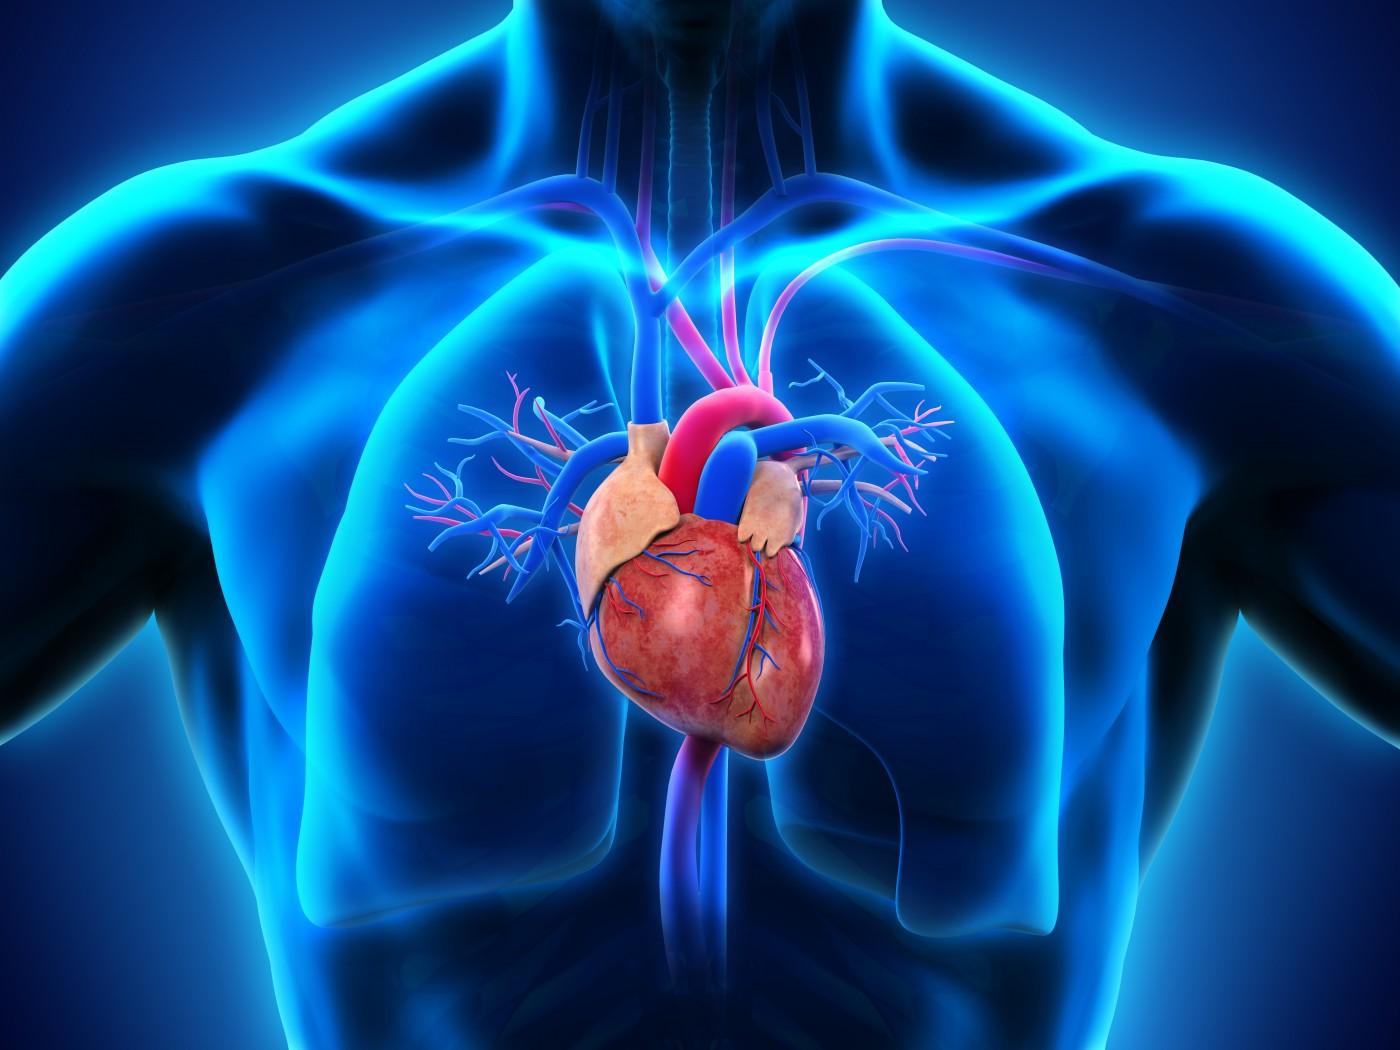 علاج ارتفاع ضغط الدم بالطب النبوي